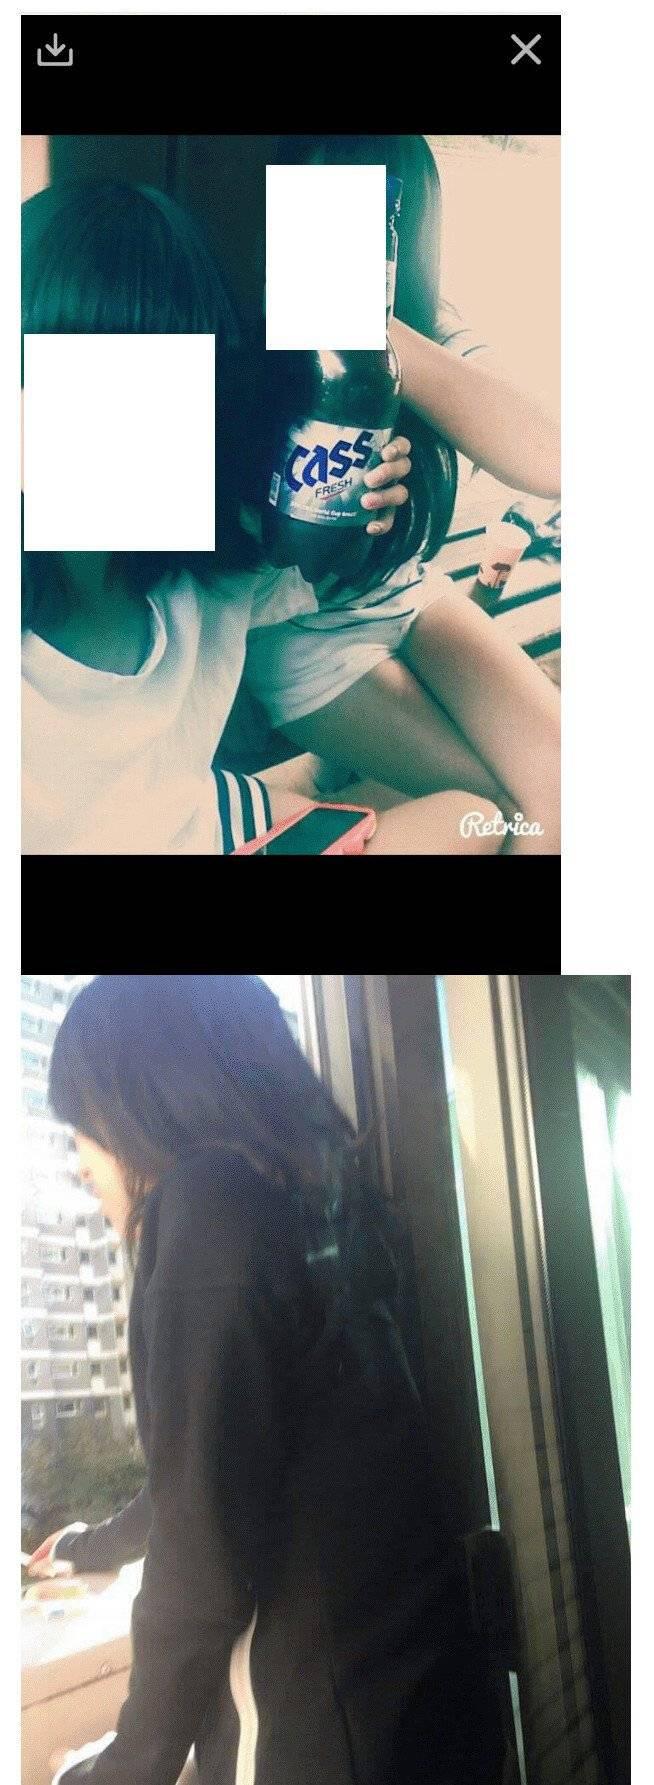 곧 데뷔할 신인 여자아이돌의 과거 ㄷㄷ.jpg   인스티즈